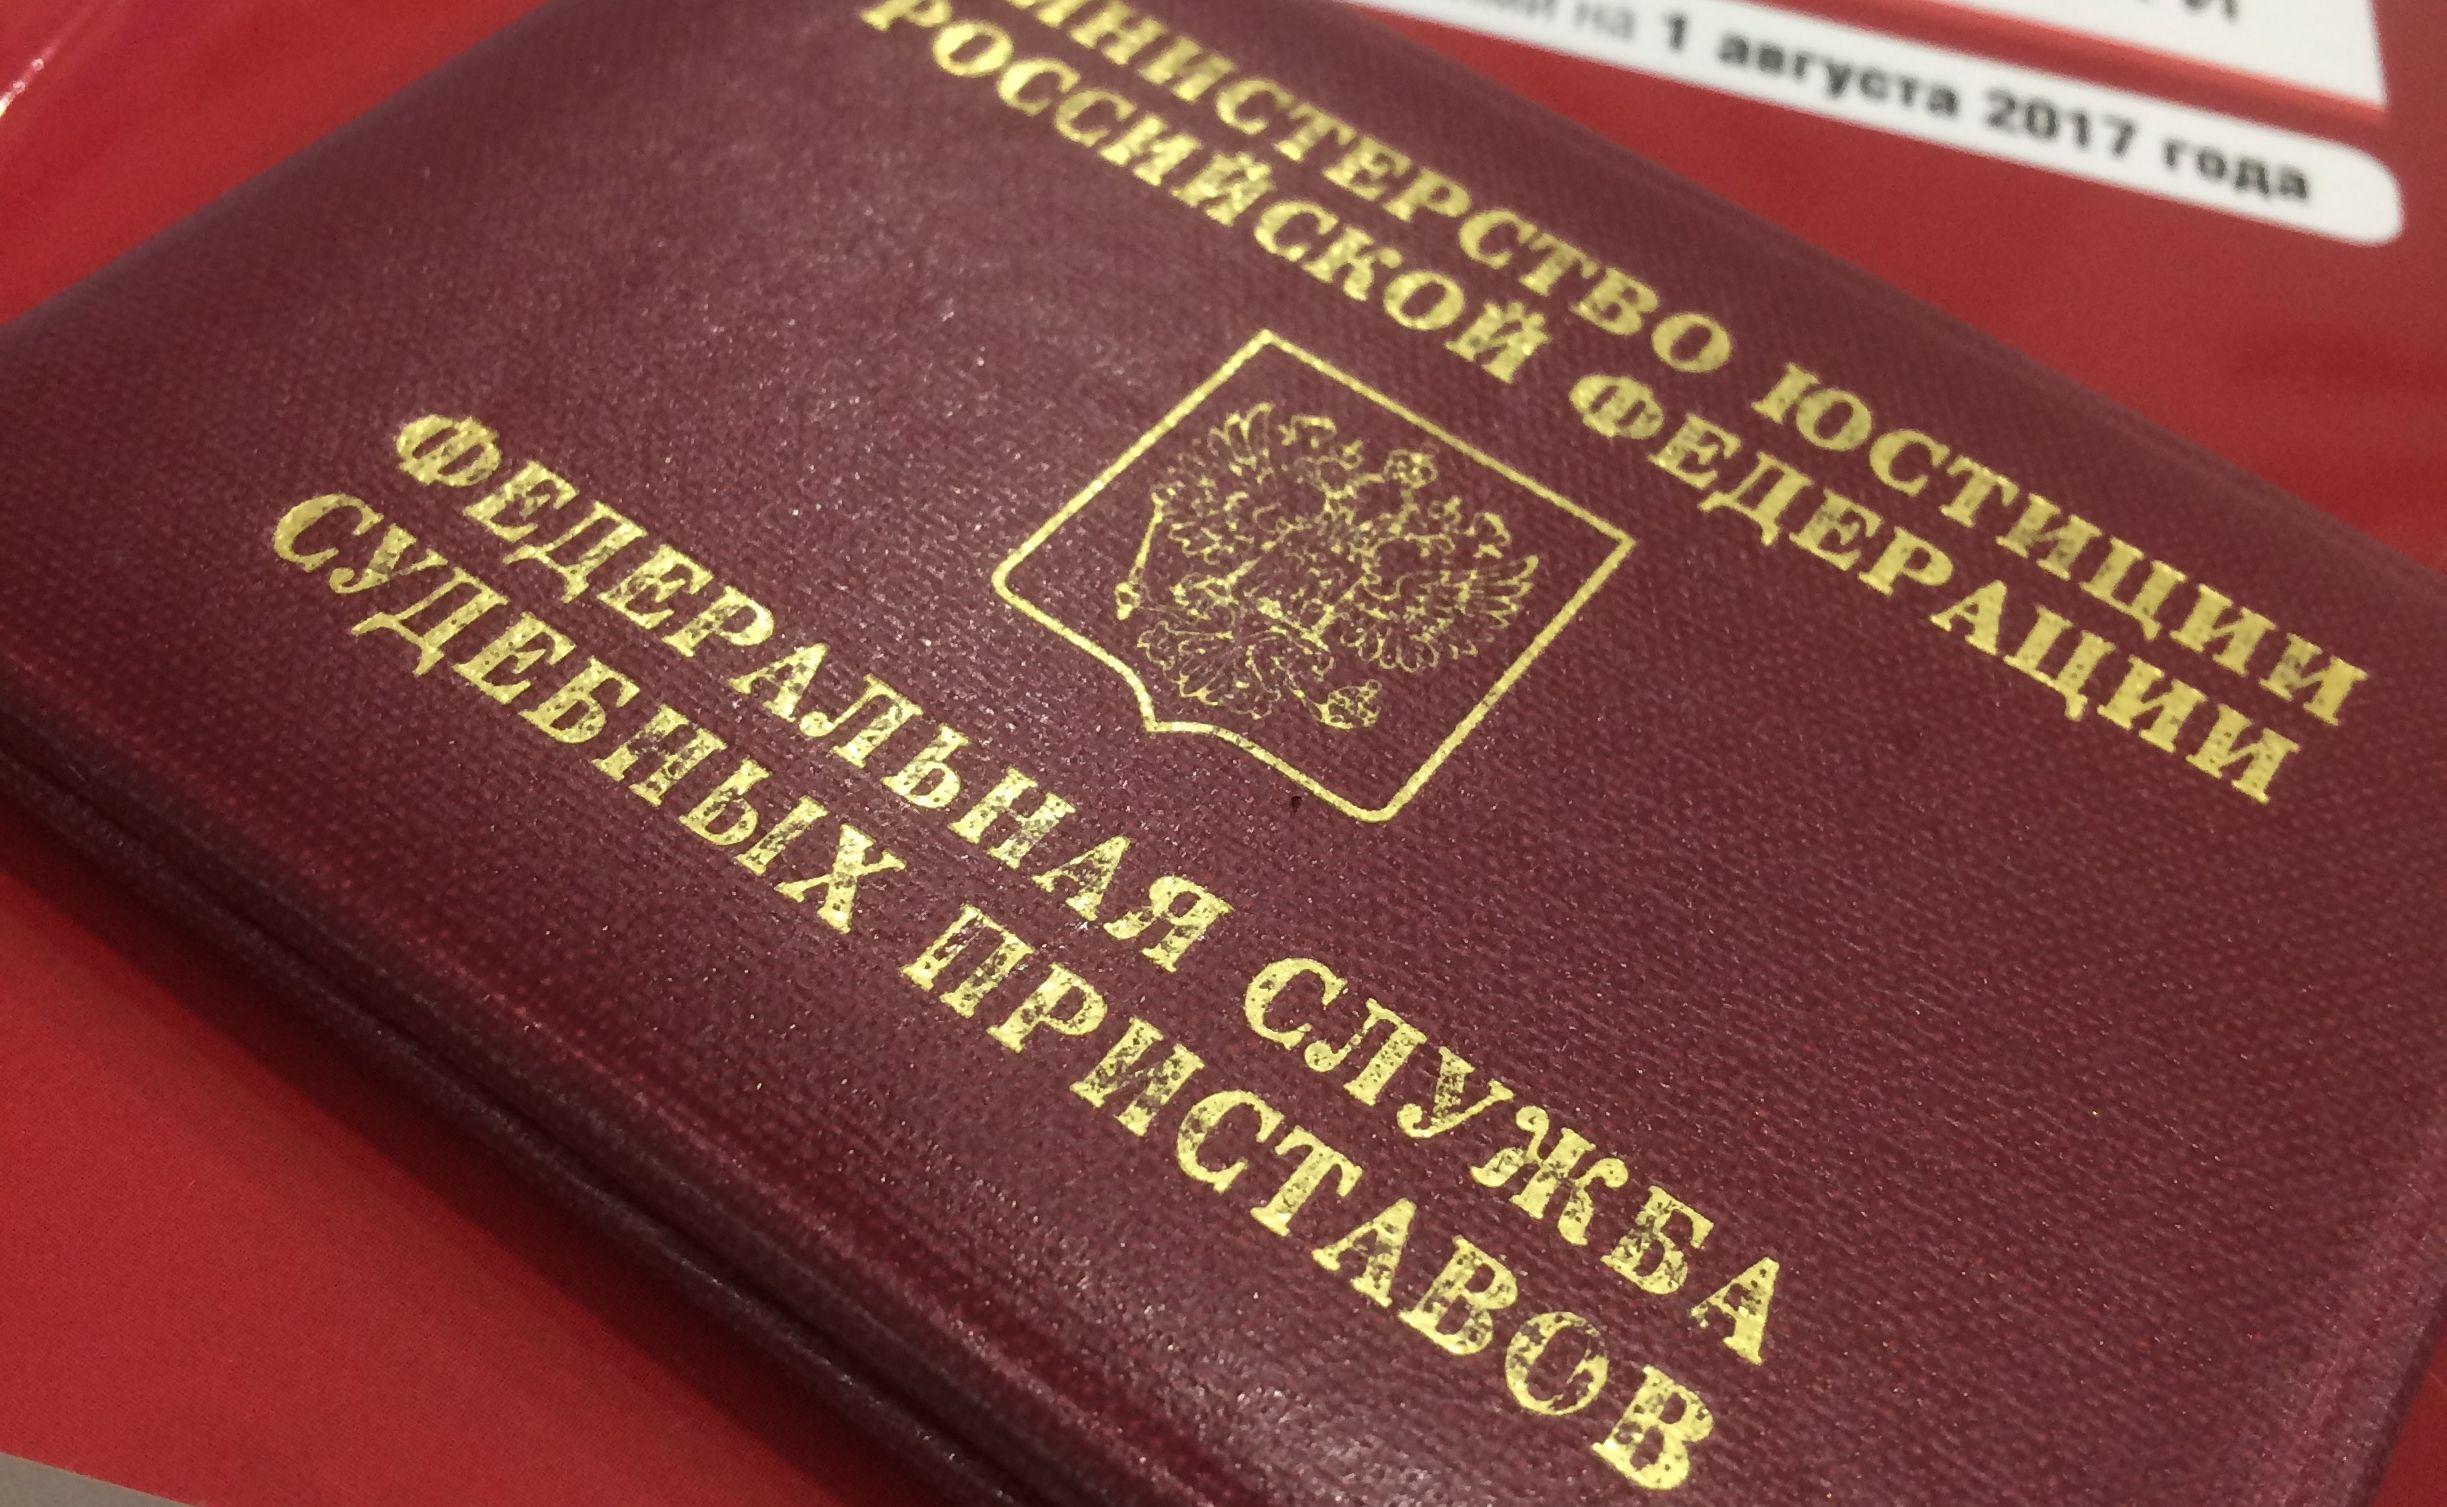 Должник расплатился с долгом в 2,8 миллиона рублей, чтобы избежать уголовного наказания